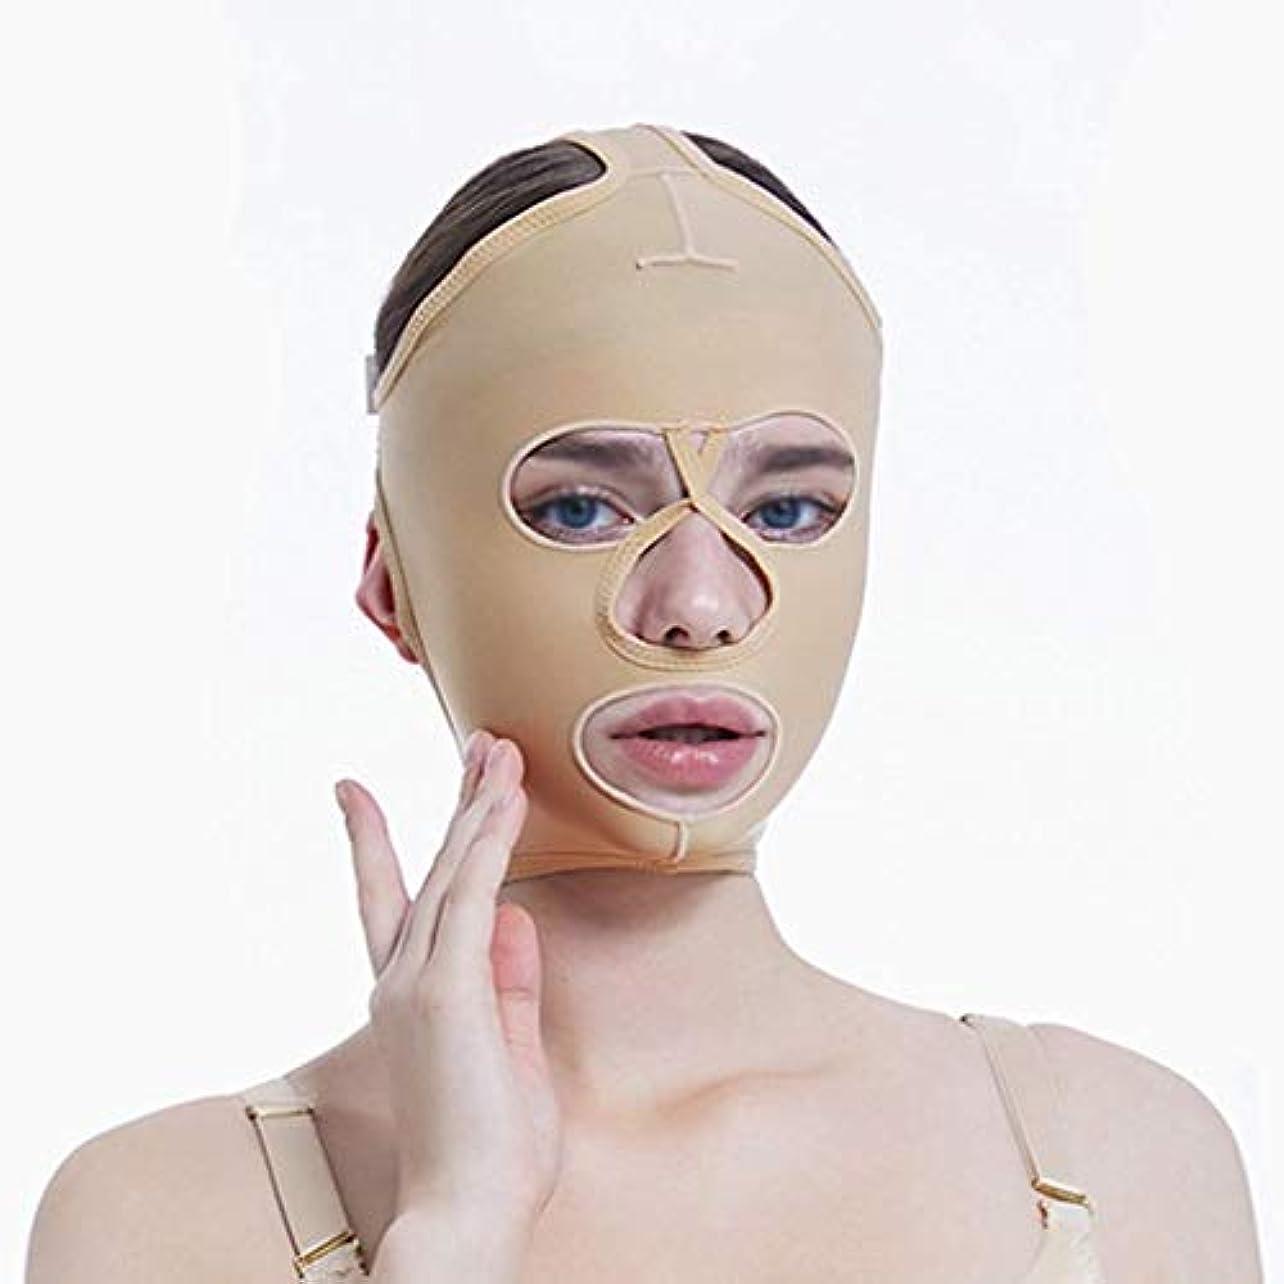 貢献誰がミュートチンリフティングベルト、超薄型ベルト、引き締めマスク、包帯吊り、フェイスリフティングマスク、超薄型ベルト、通気性(サイズ:L),S